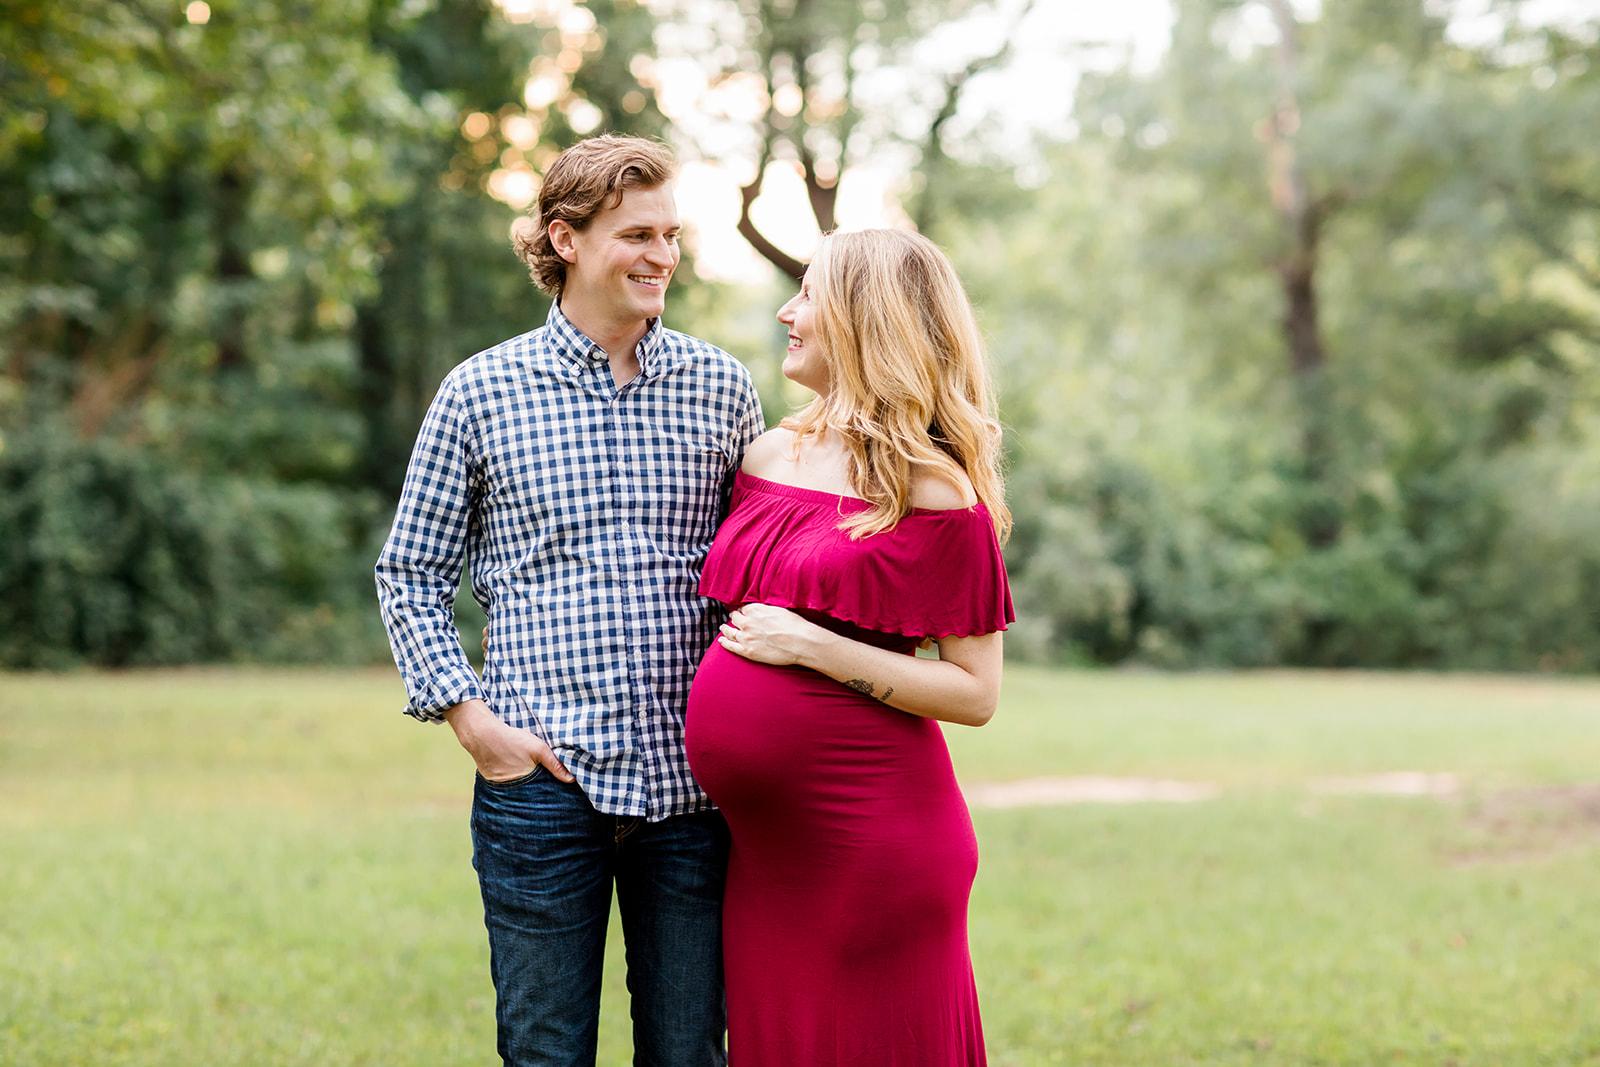 RVA Richmond Maternity